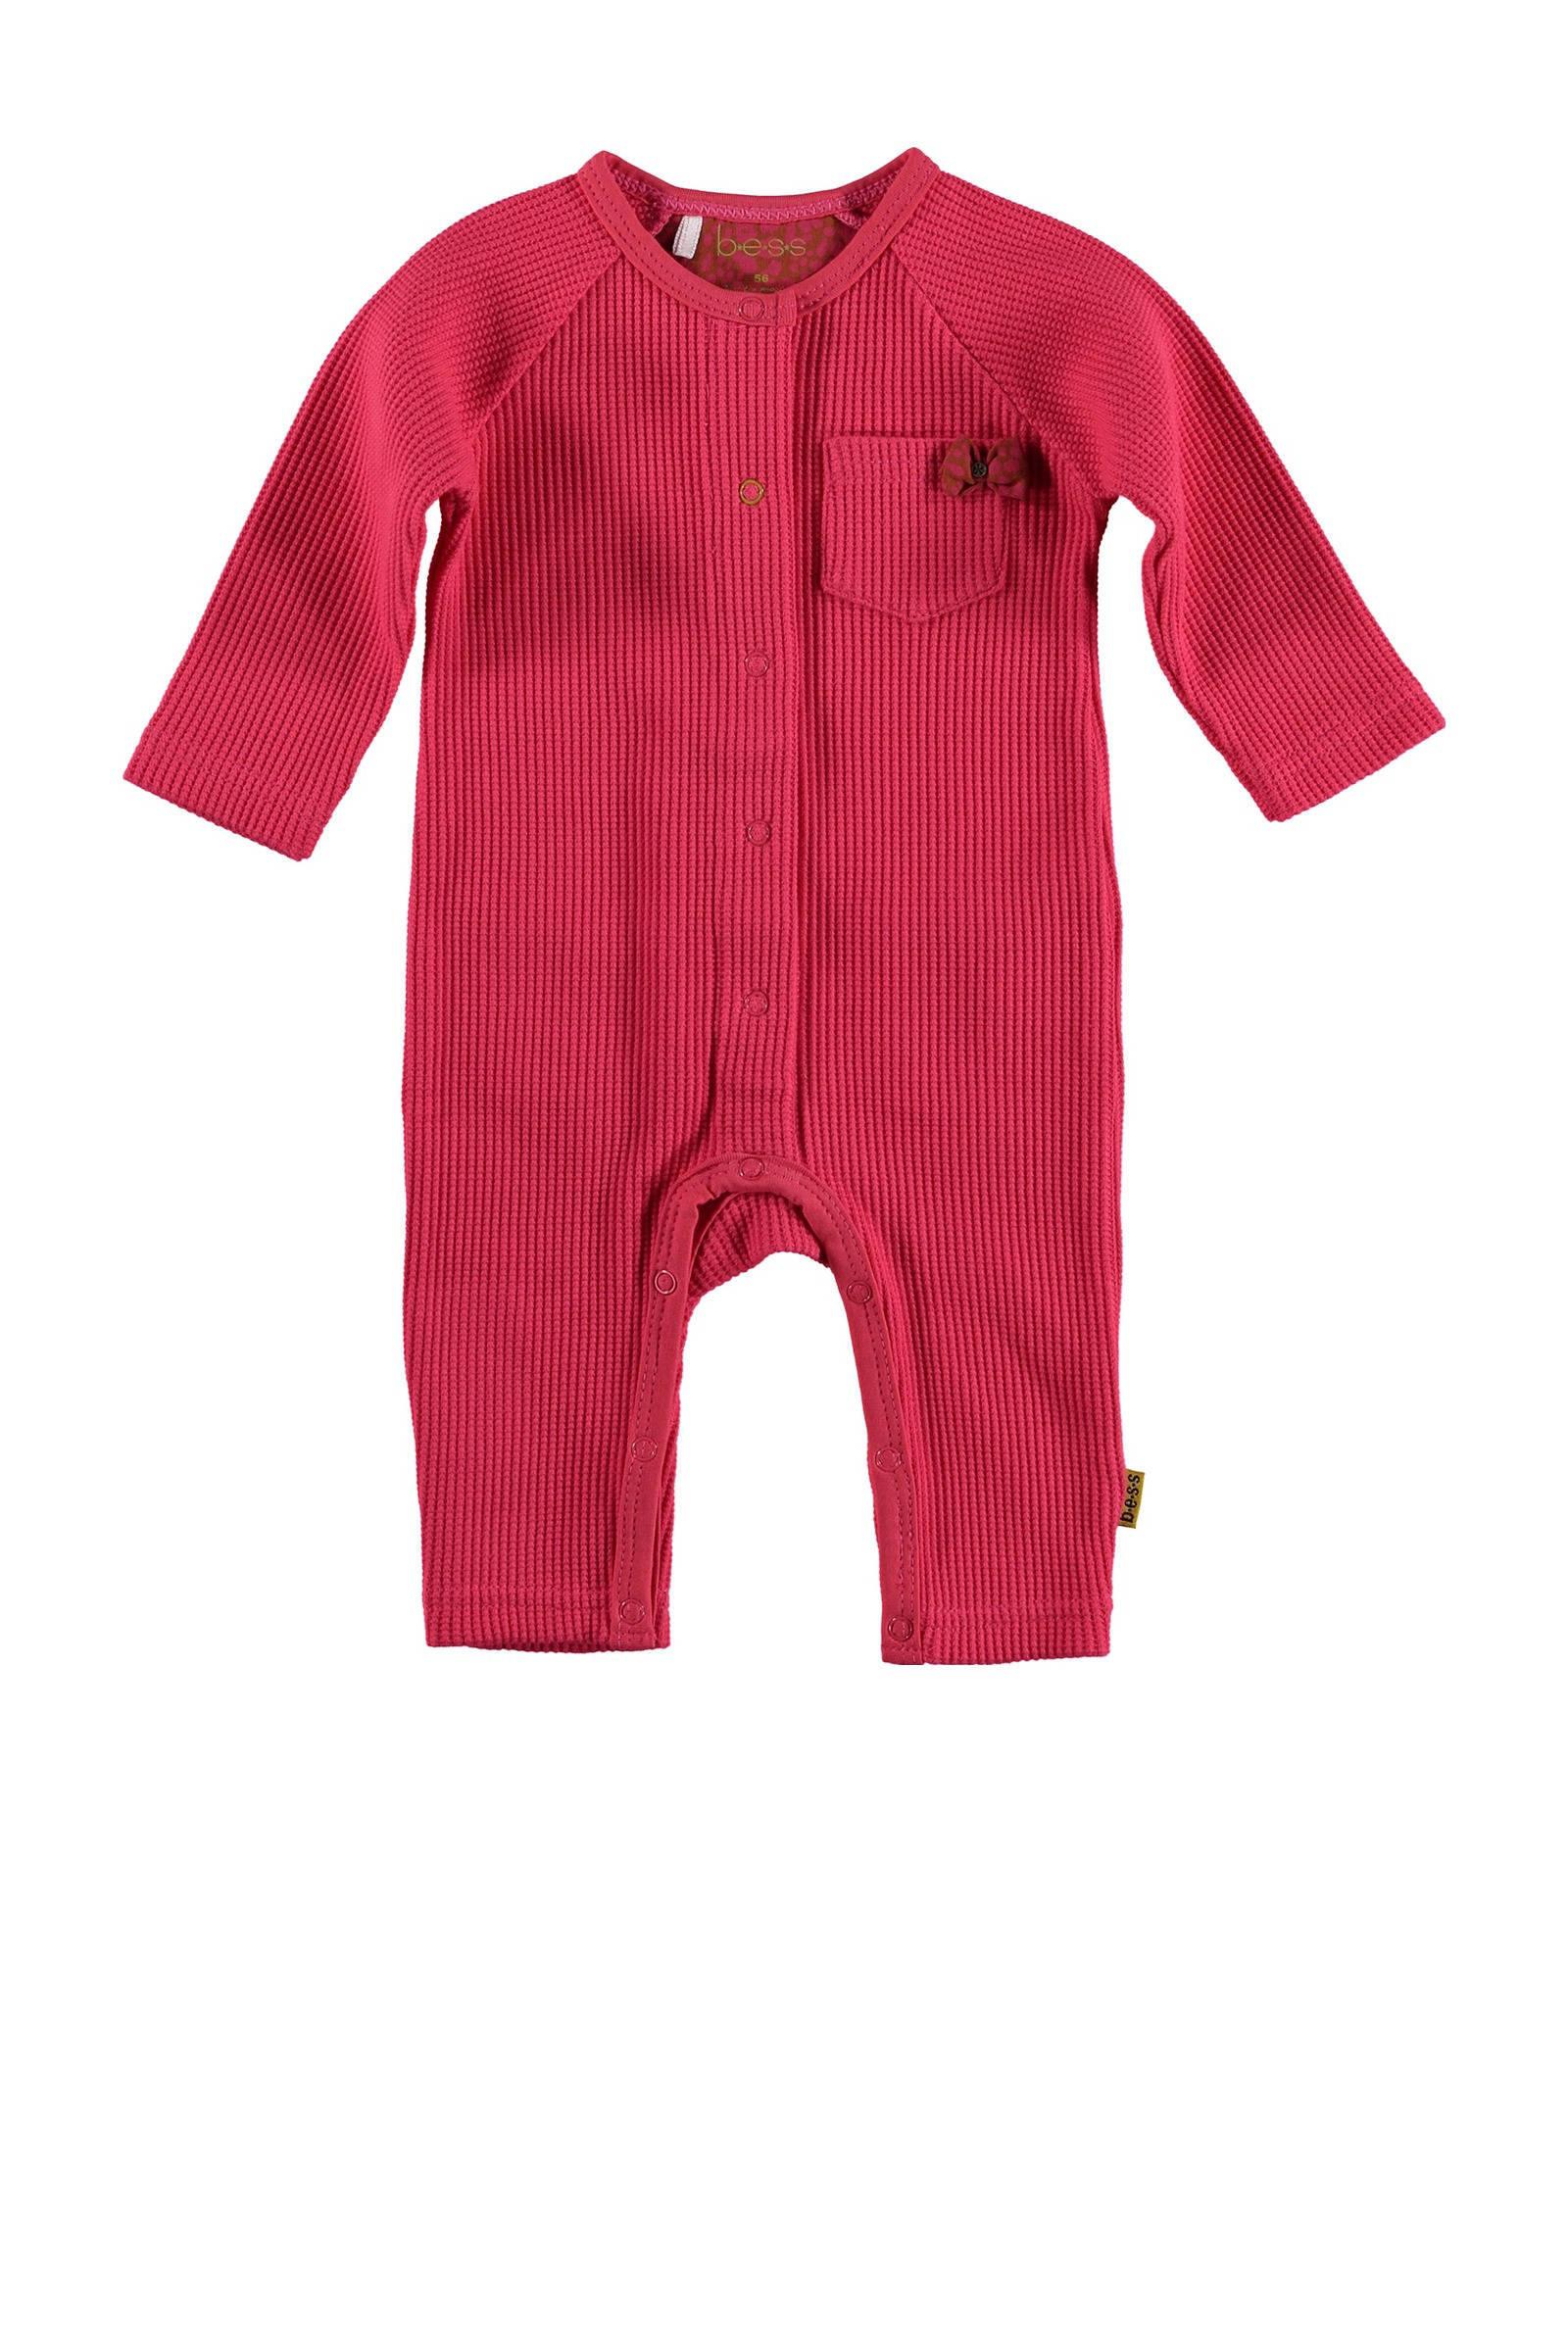 Kinderkleding voor meisjes kopen Vind jouw Kinderkleding